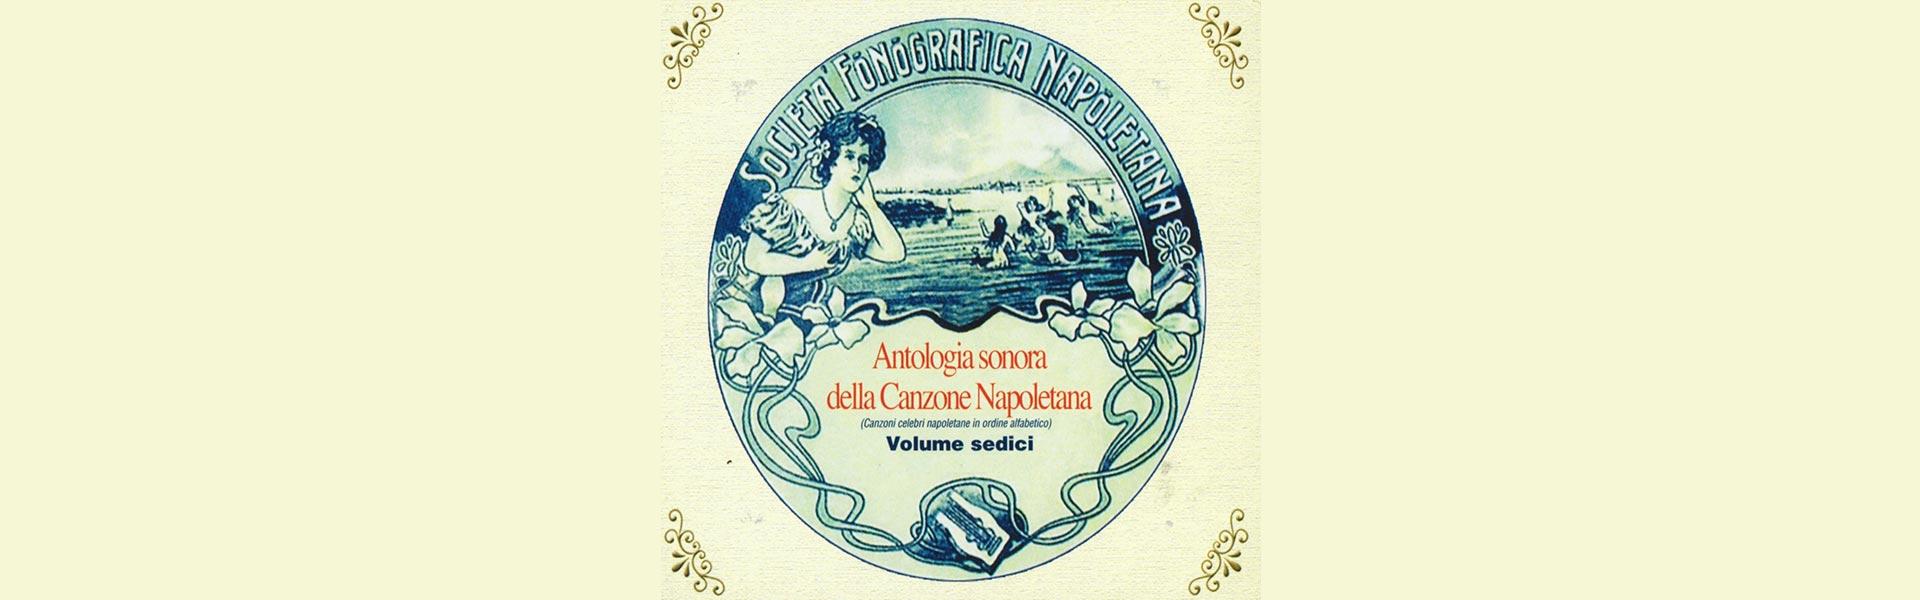 la classica canzone napoletana